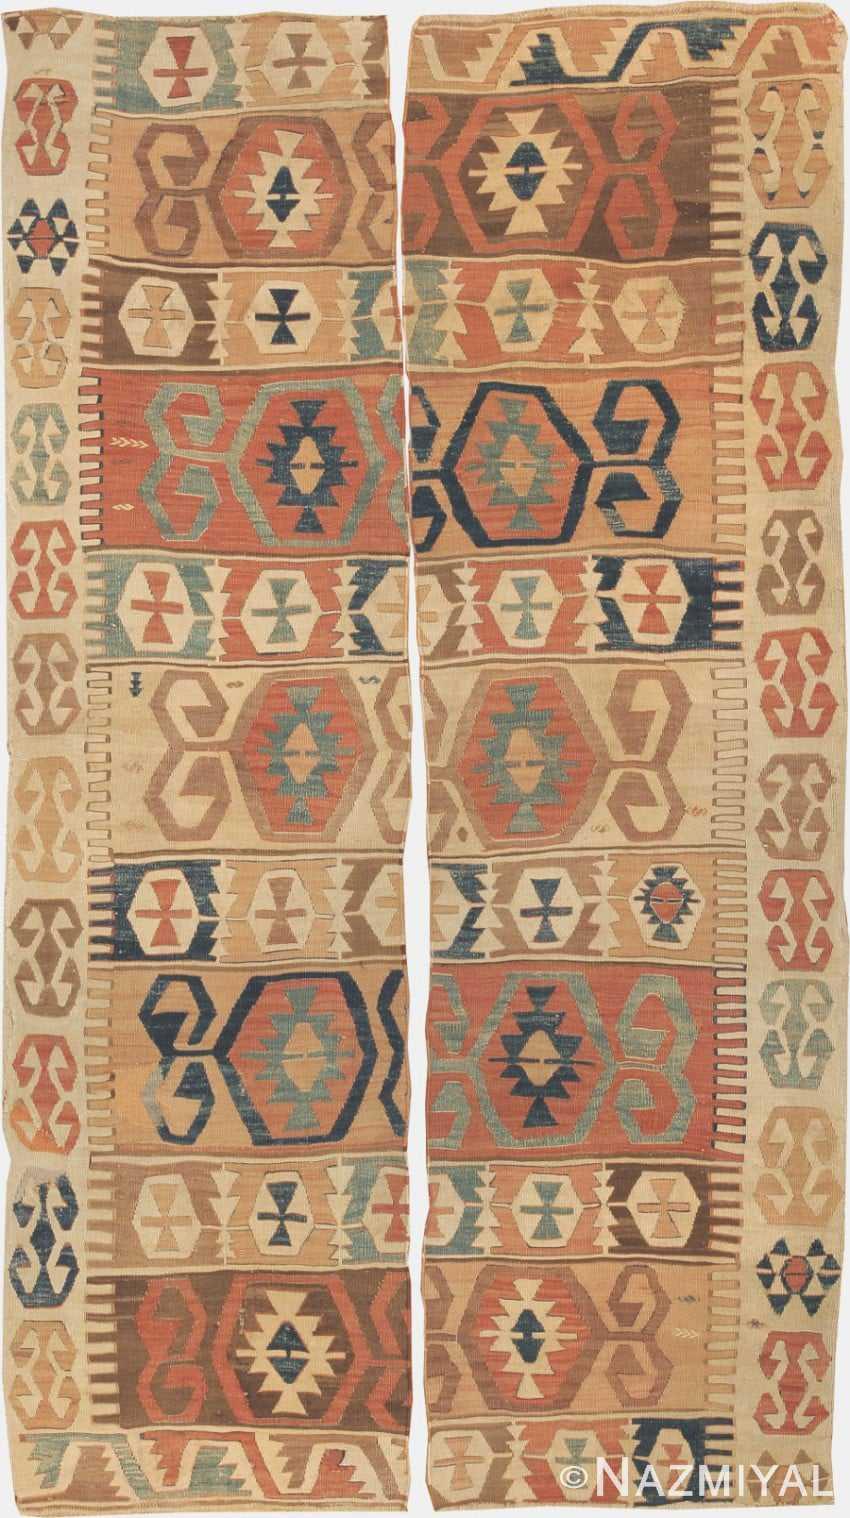 Antique Kilim Carpets 699 Detail/Large View